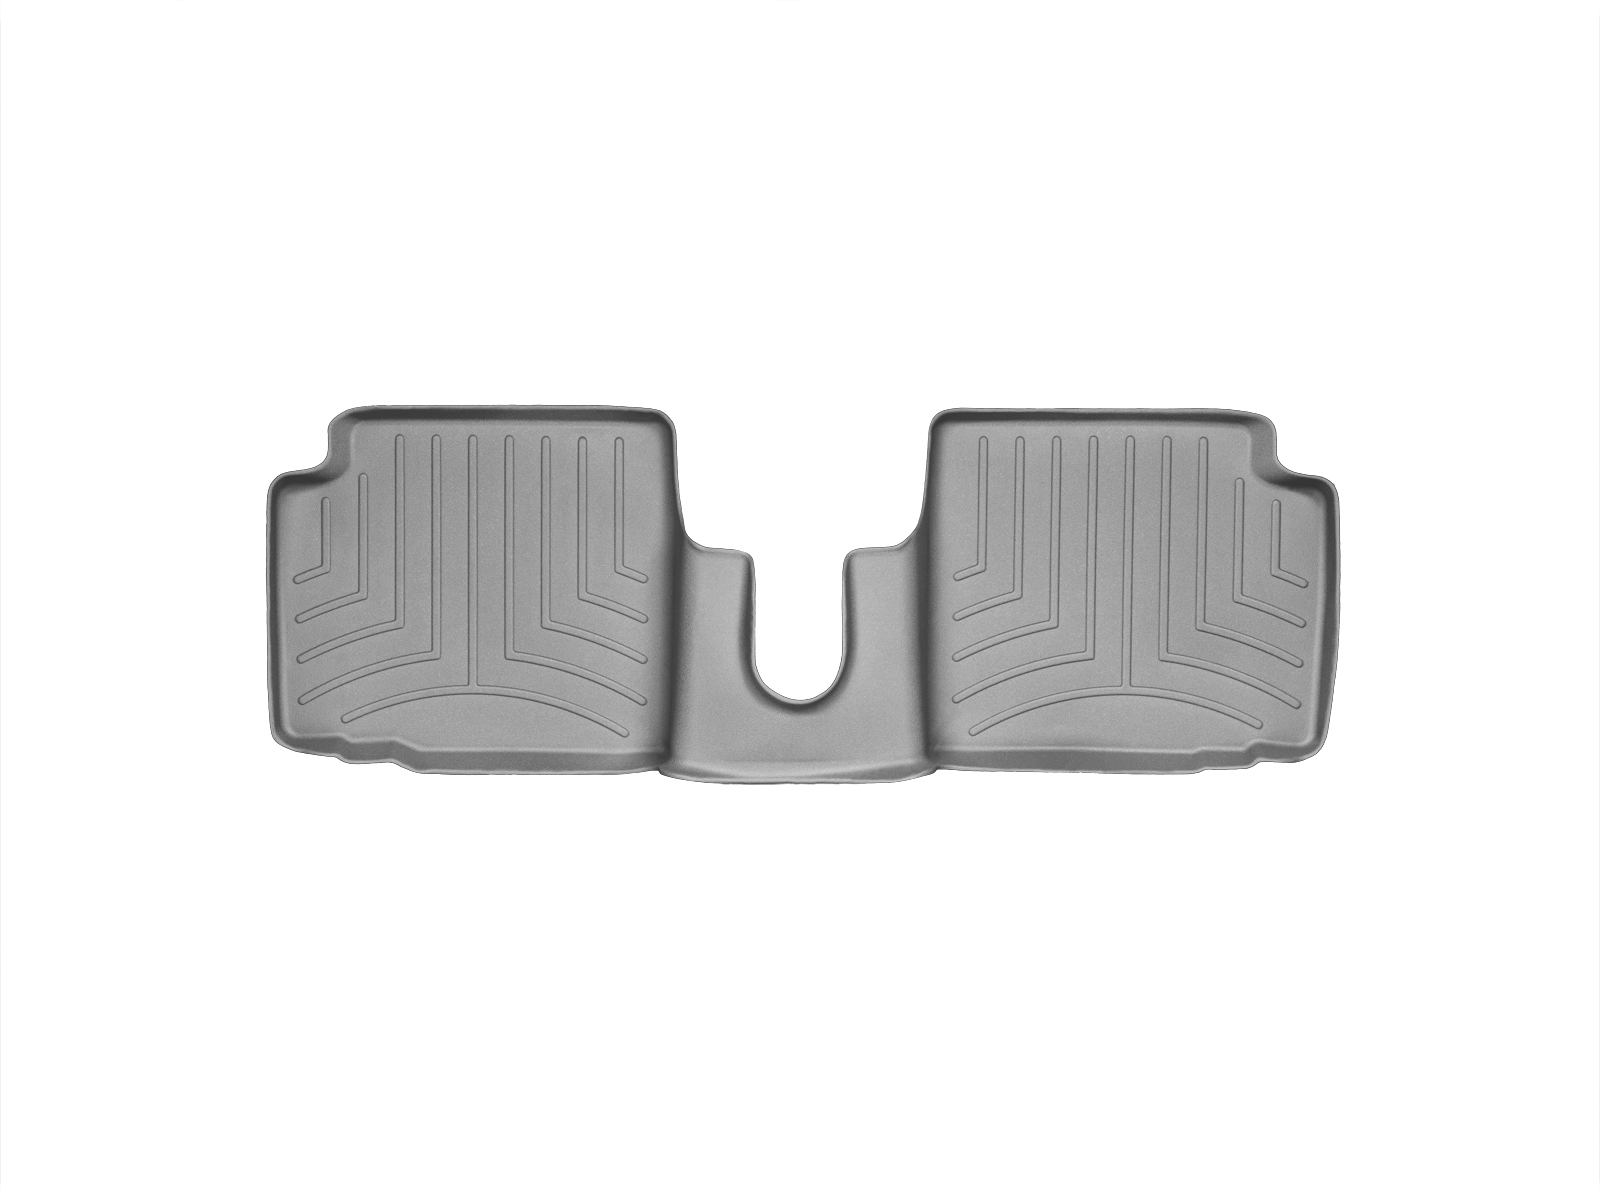 Tappeti gomma su misura bordo alto Fiat 500 07>17 Grigio A753*